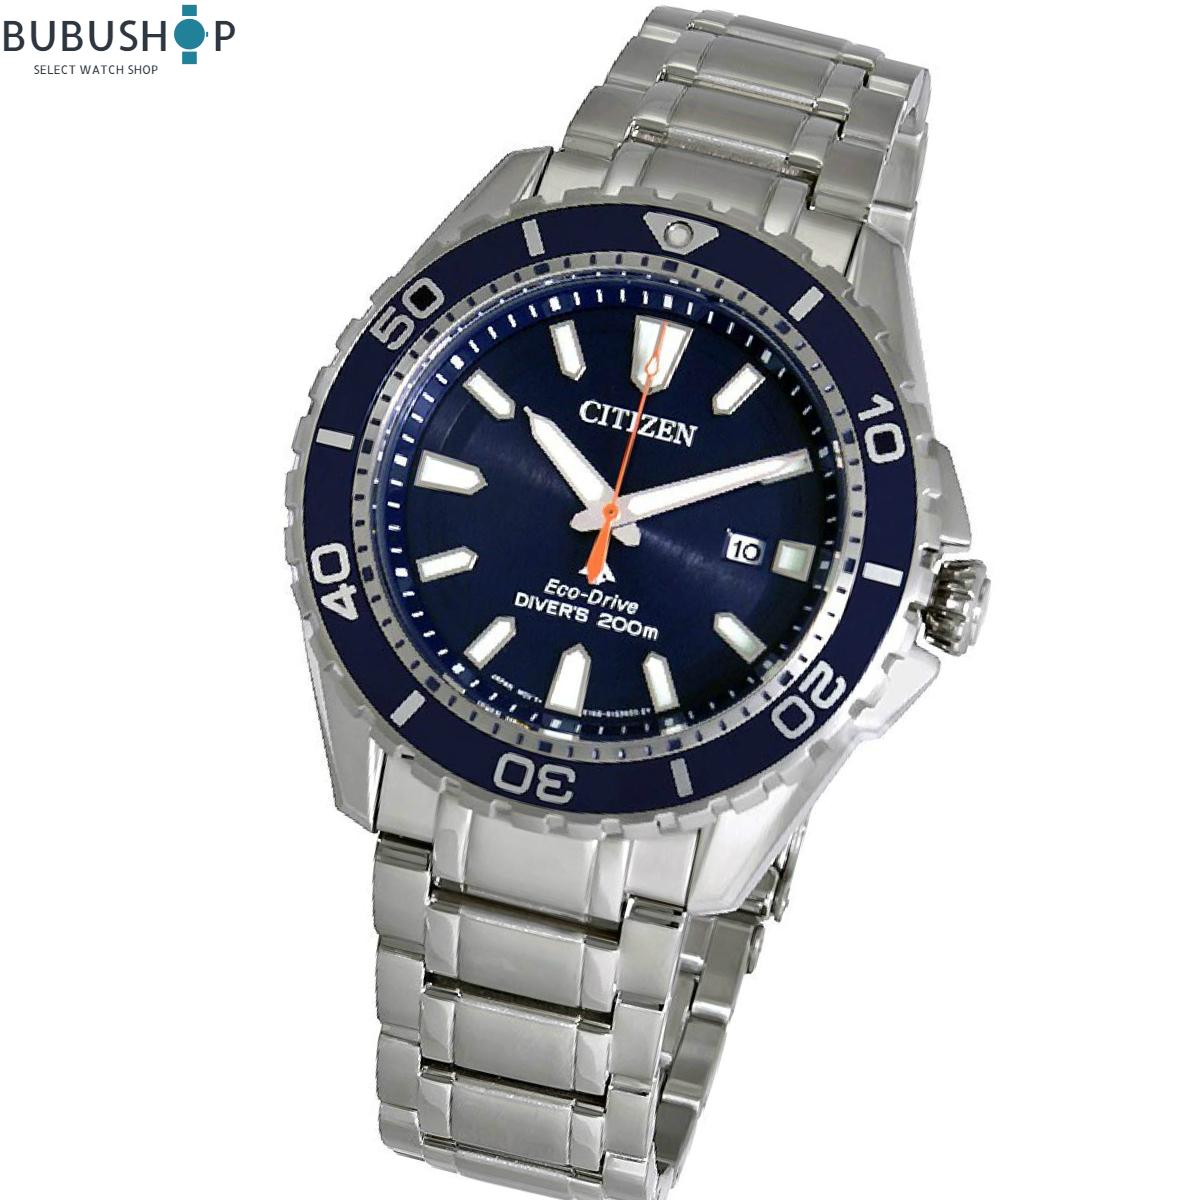 CITIZEN シチズン 腕時計 BN0191-55L プロマスター Promaster エコドライブ ダイバー メンズ ソーラー ブルー